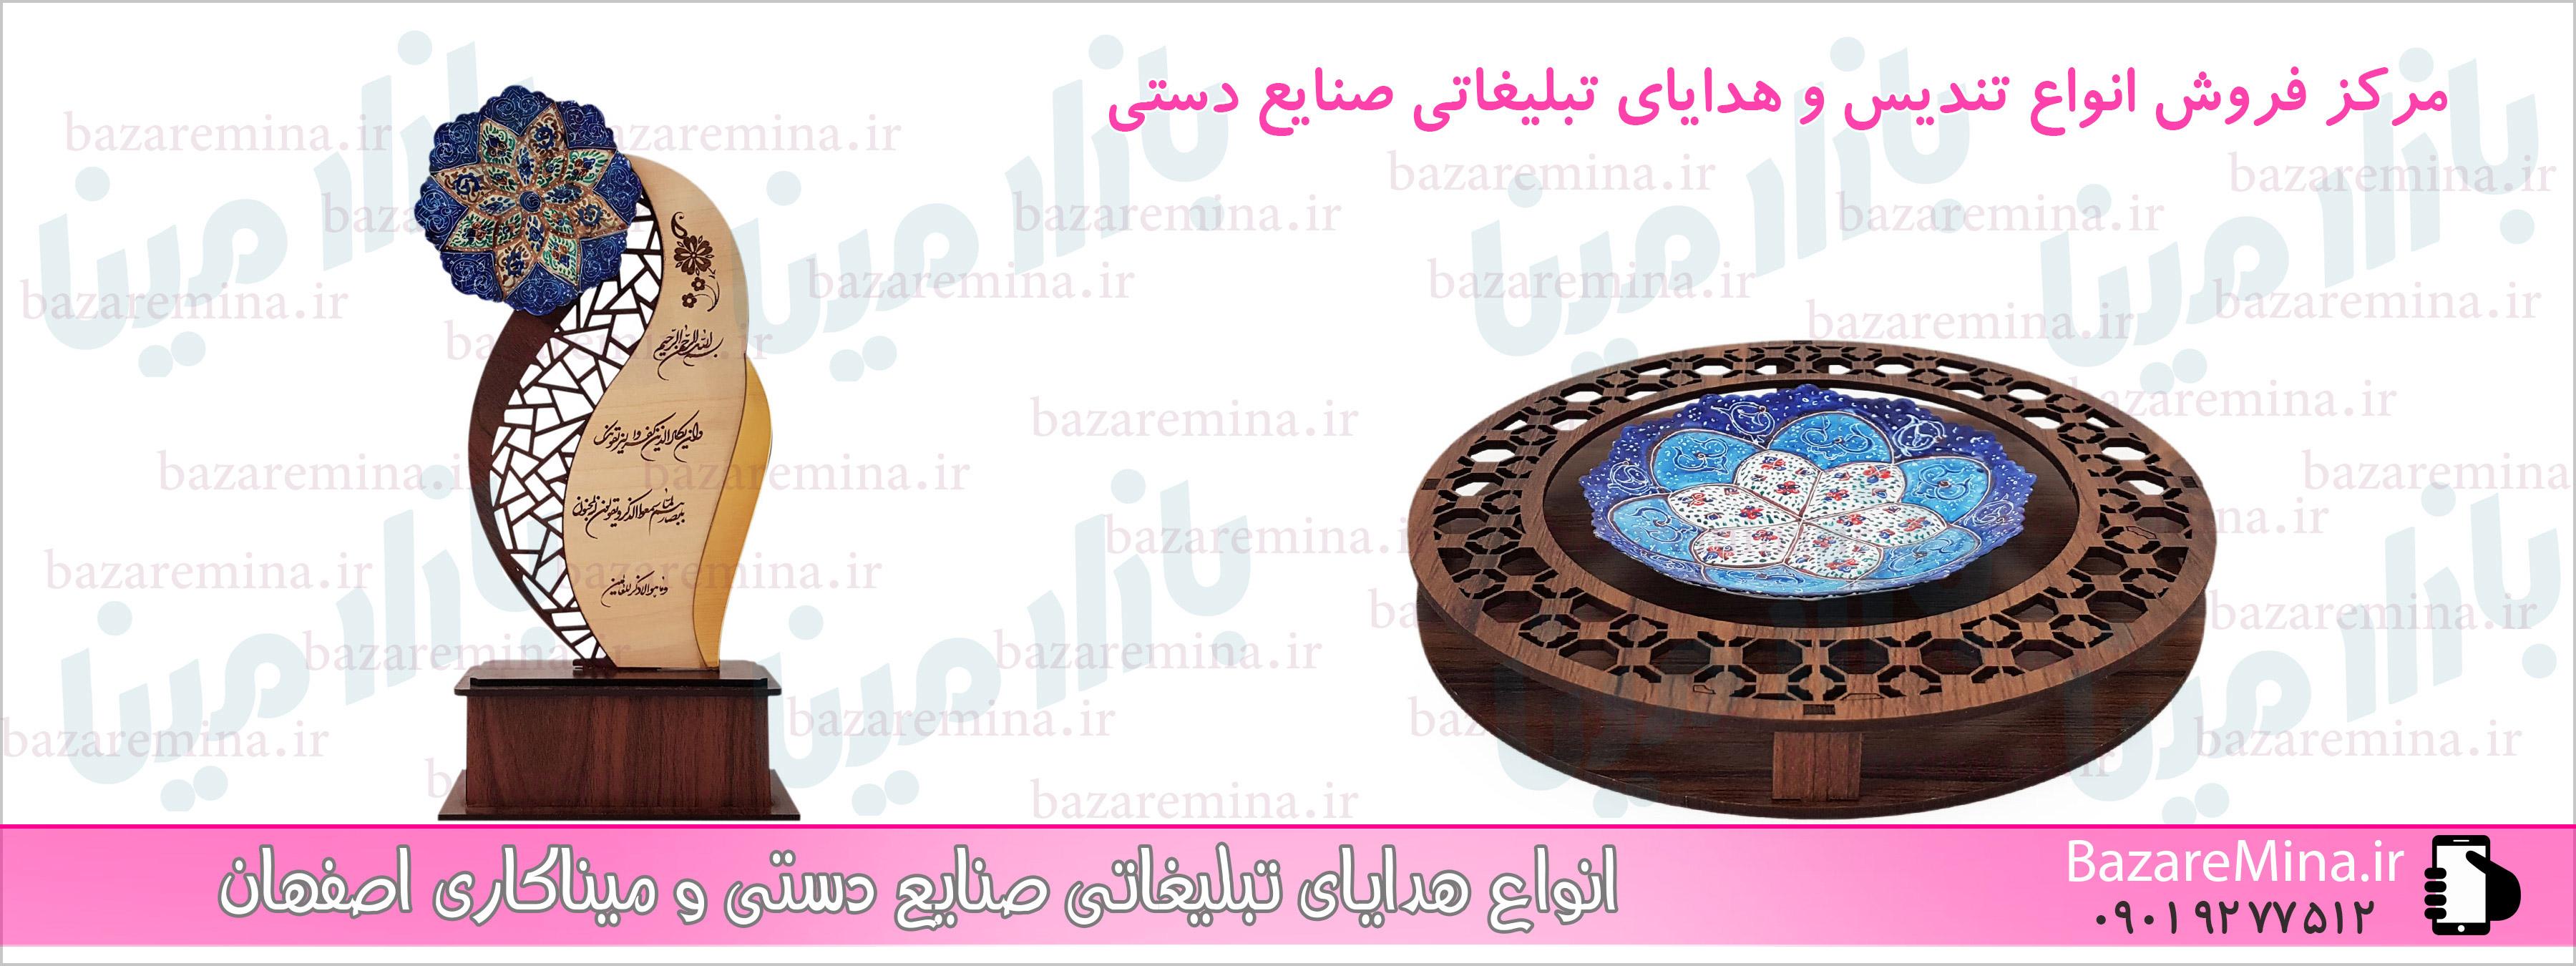 هدایای تبلیغاتی ارزان در تهران